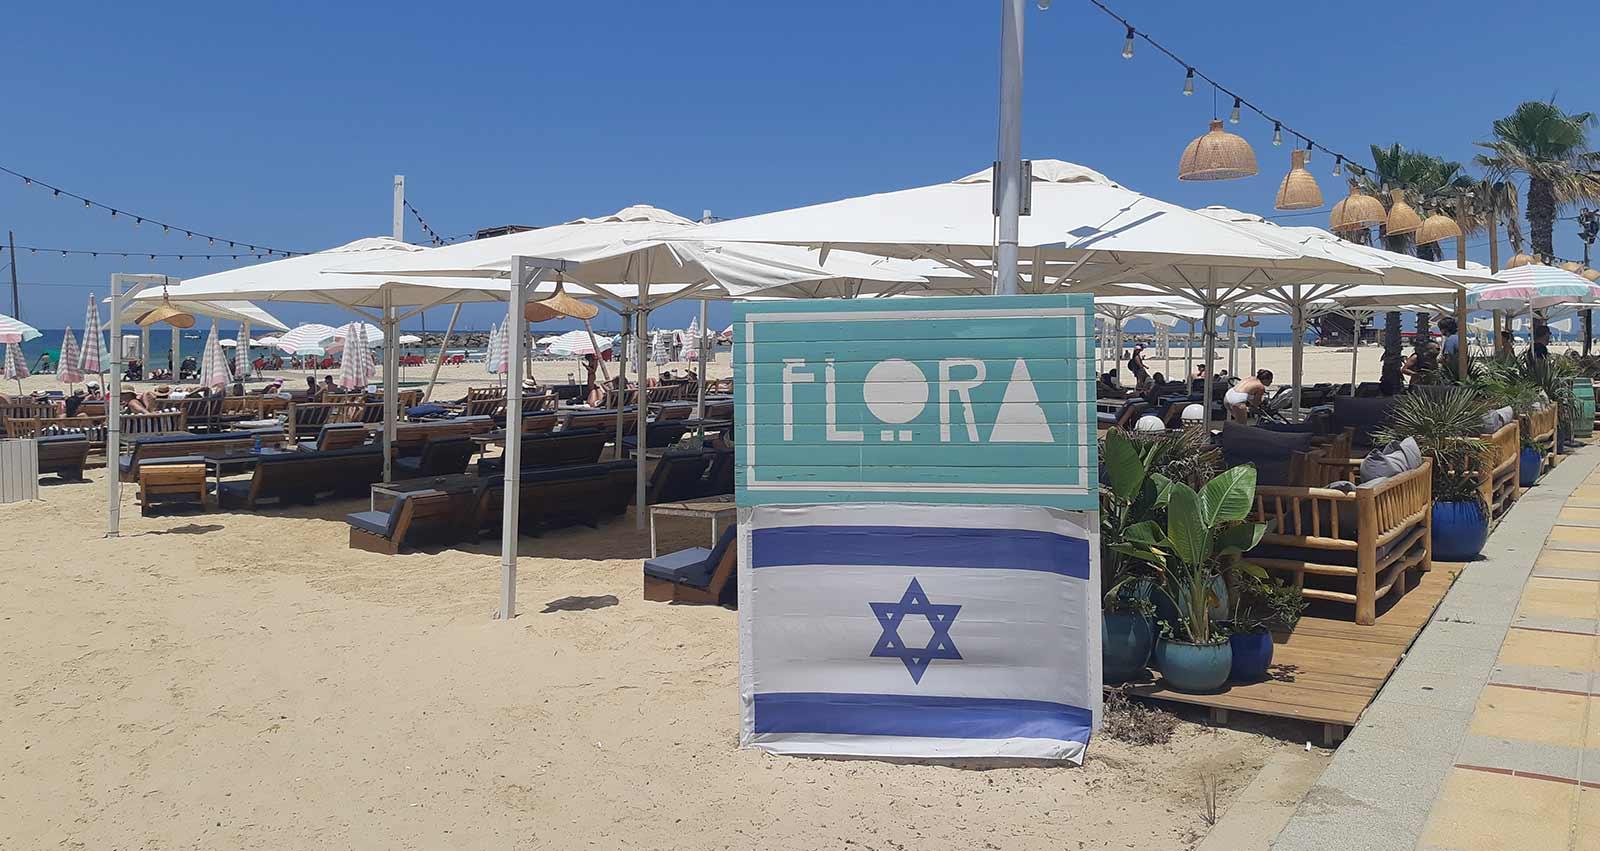 מסעדת פלורה בחוף אכדיה דרום. העירייה דורשת לפנותה. צילום: שרון יונתן